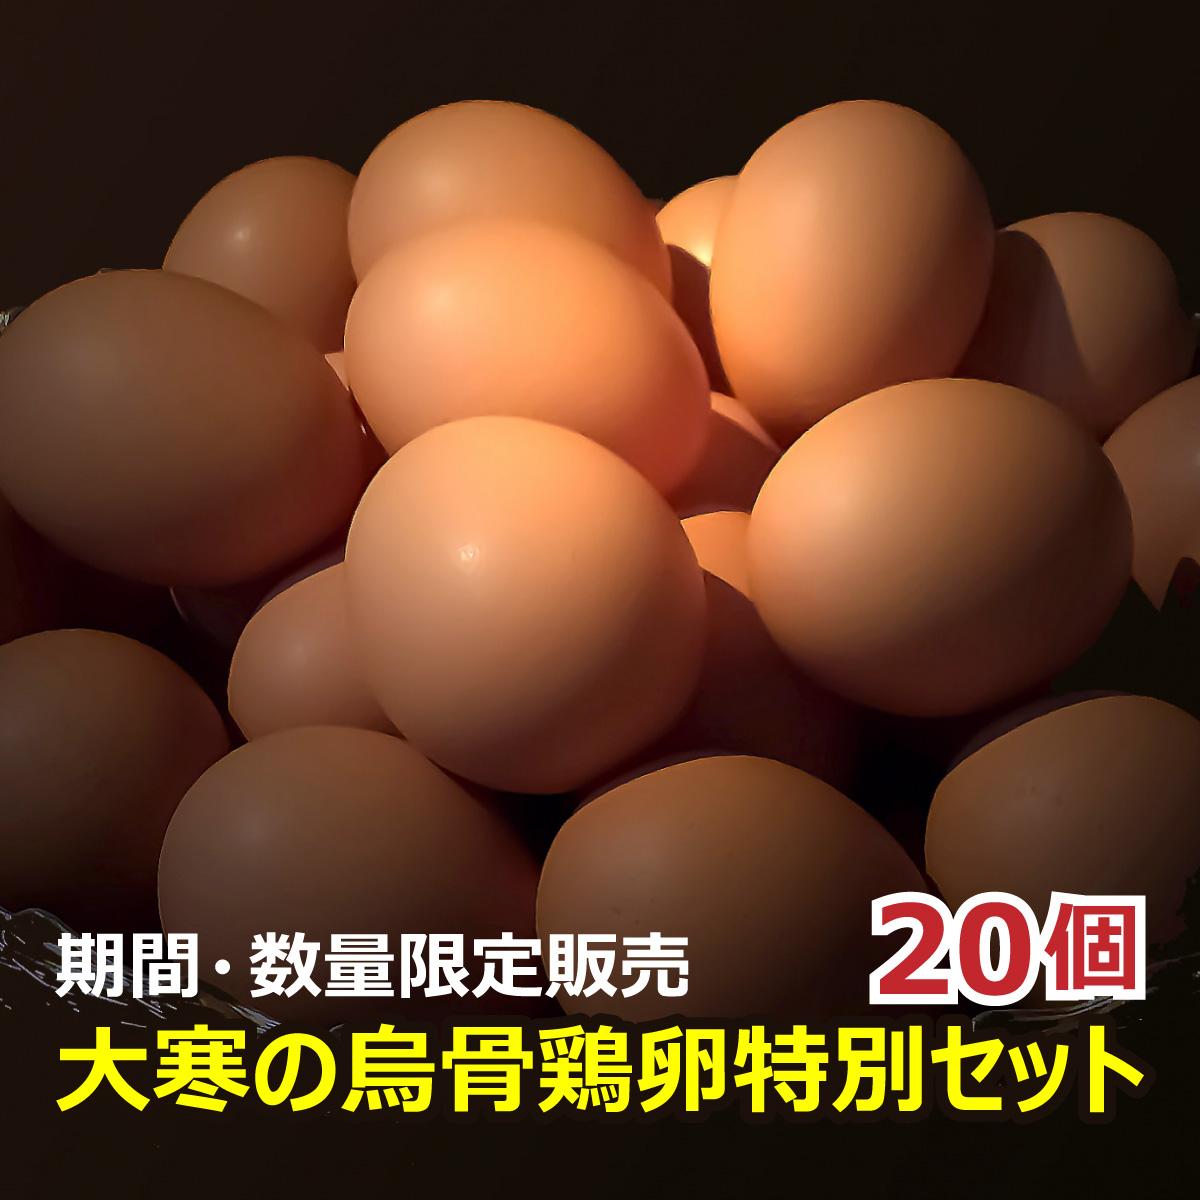 大寒の烏骨鶏卵特別セット